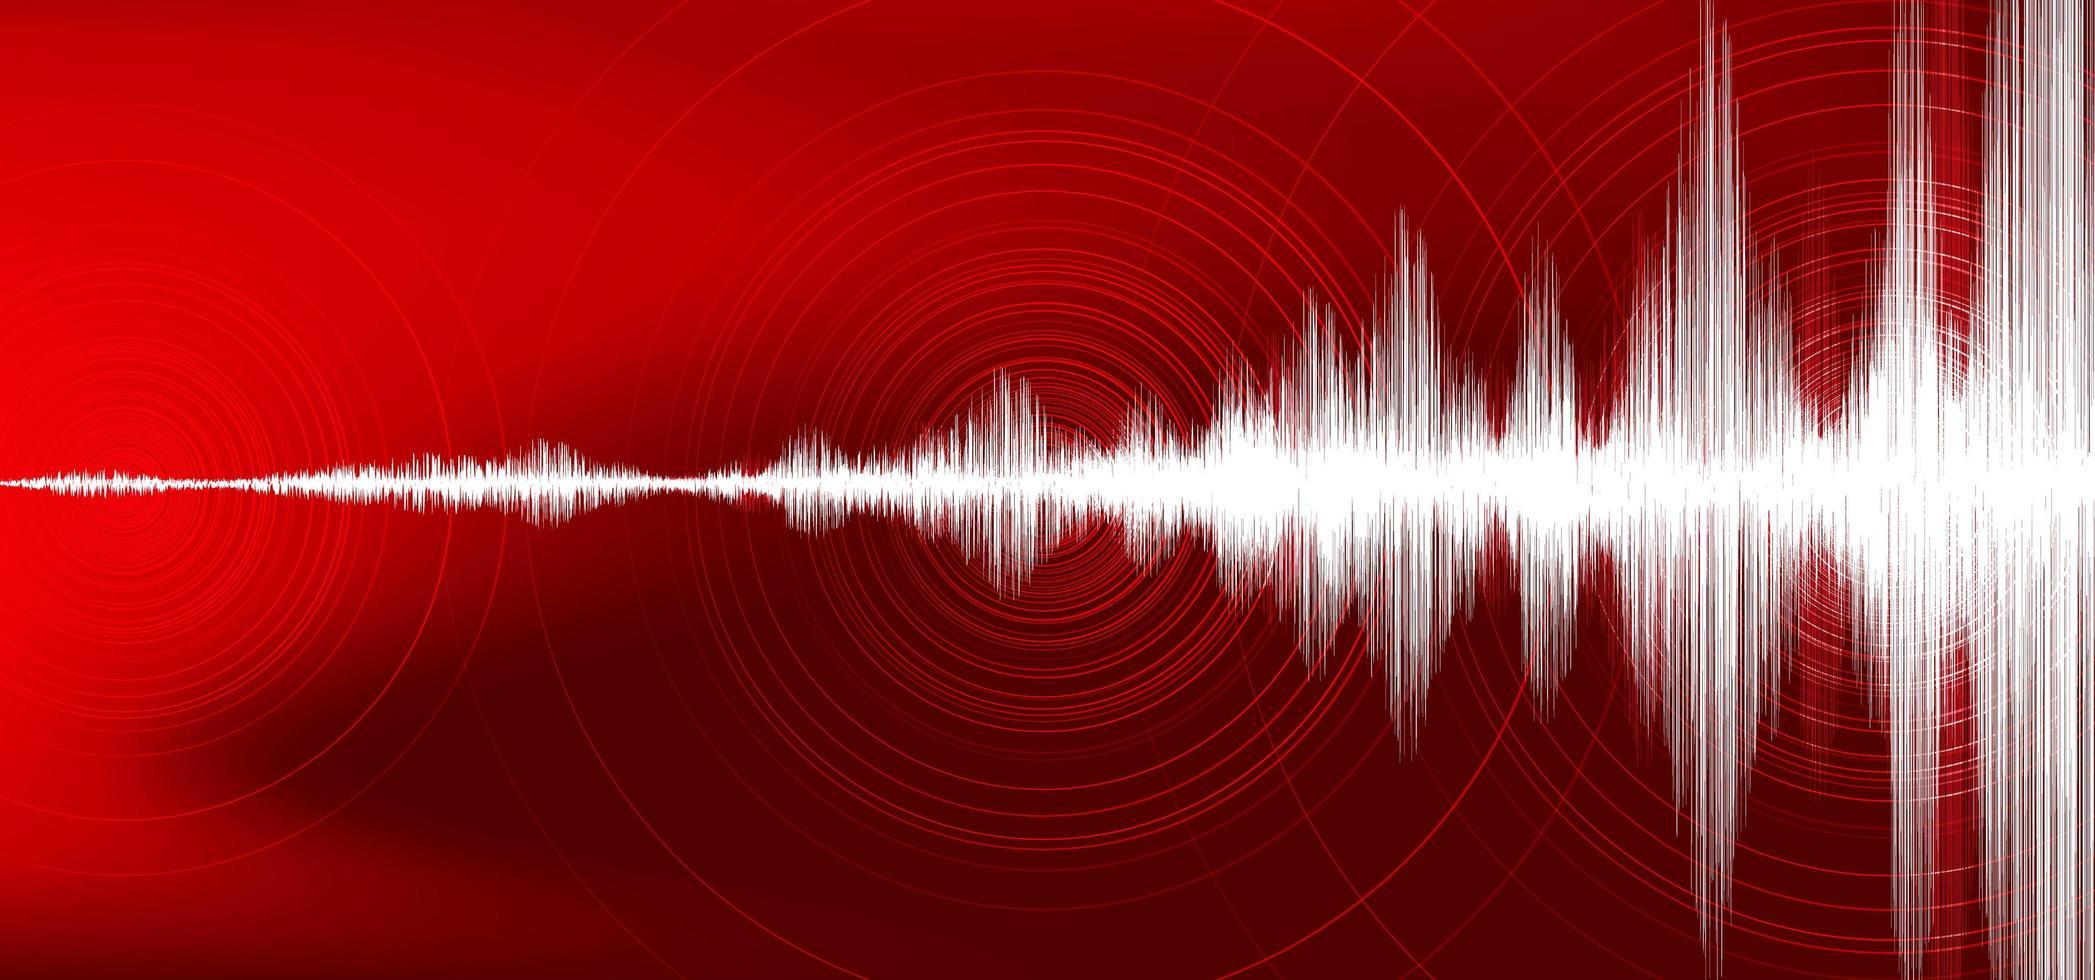 vague de tremblement de terre numérique avec vibration de cercle sur fond rouge foncé, concept de diagramme d'onde audio, conception pour l'éducation et la science, illustration vectorielle. vecteur